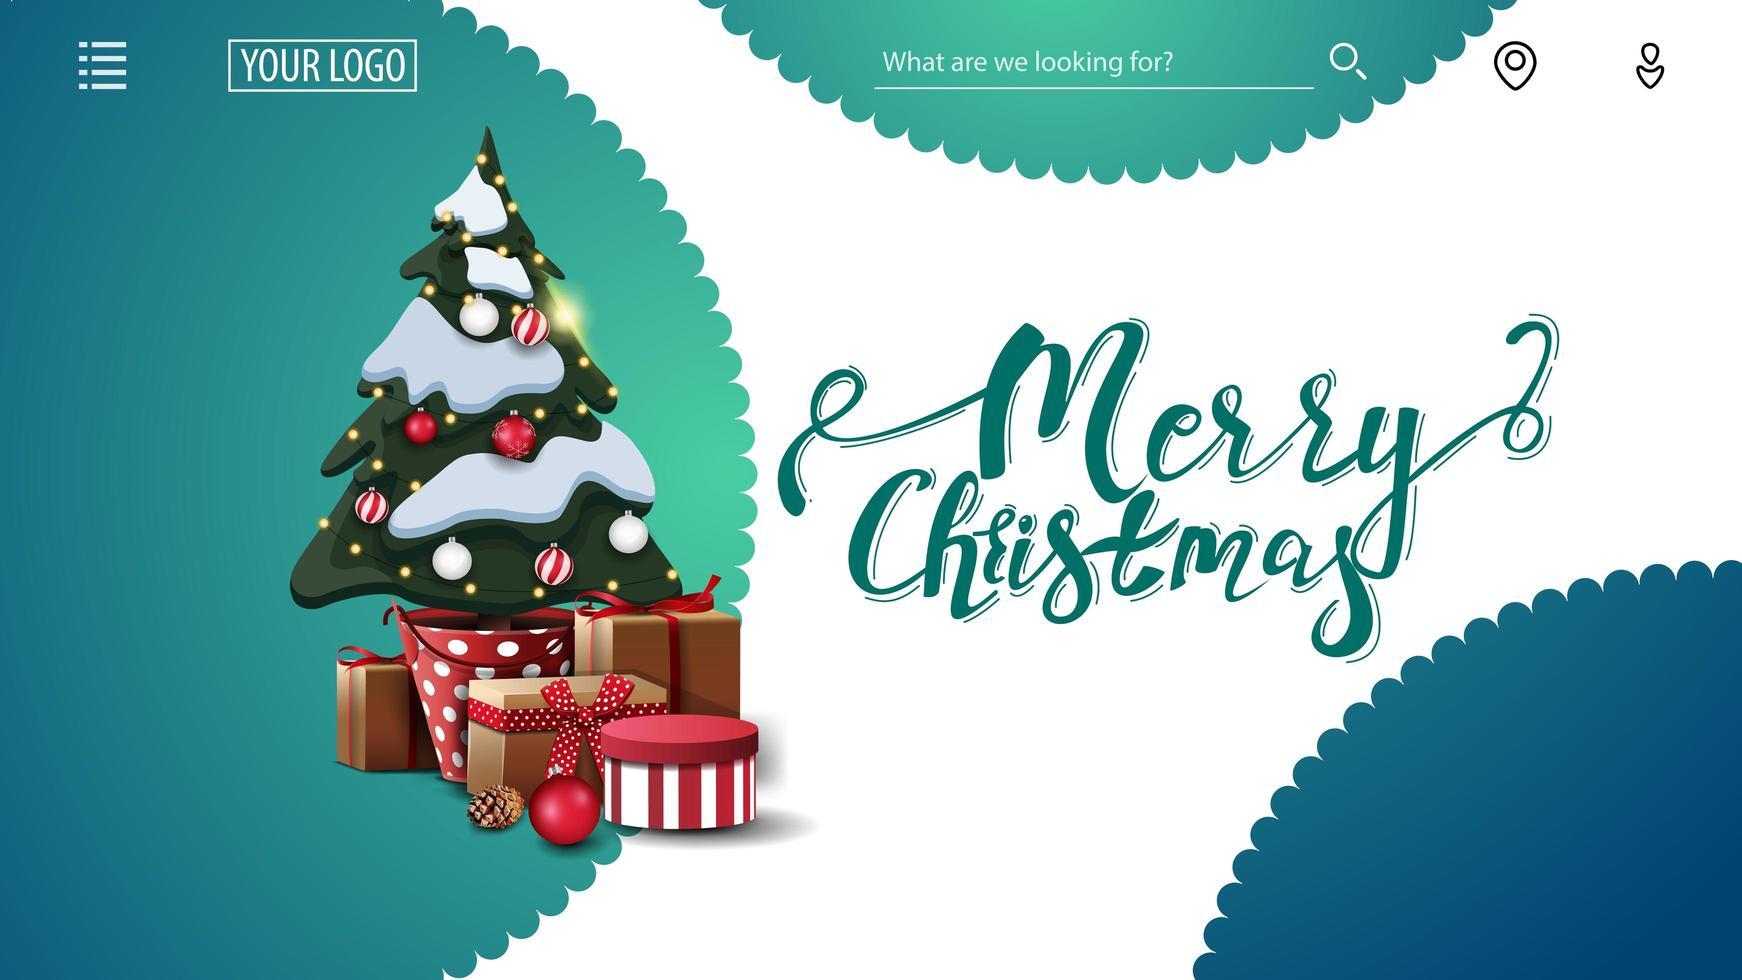 Frohe Weihnachten, grüne und weiße Grußkarte für Website mit dekorativen Kreisen und Weihnachtsbaum in einem Topf mit Geschenken vektor